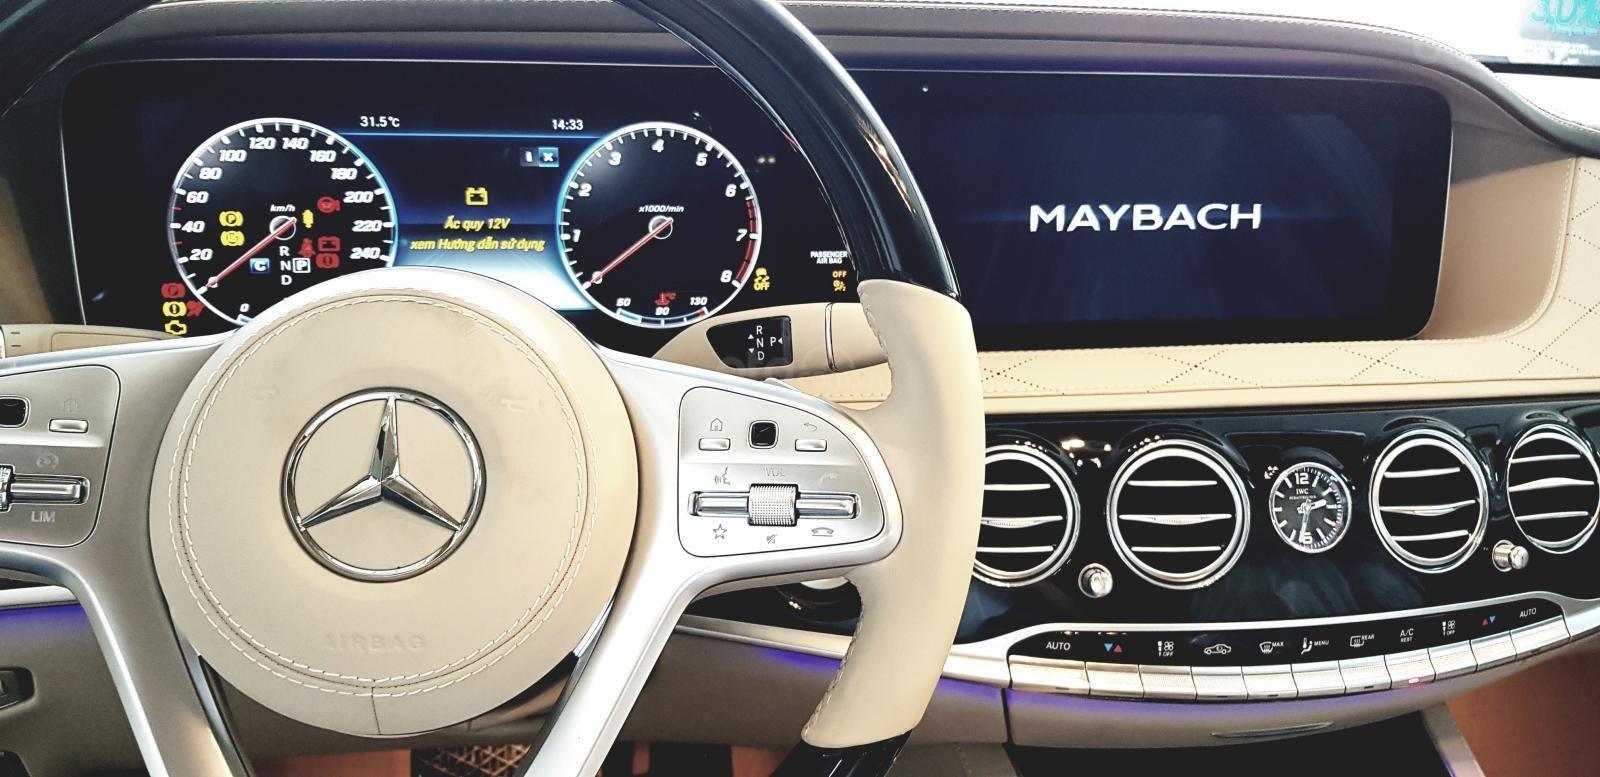 Mercedes-Benz Maybach S450 đời 2019 nhập khẩu, xe giao ngay khuyến mãi lớn, liên hệ 0913332288 (4)